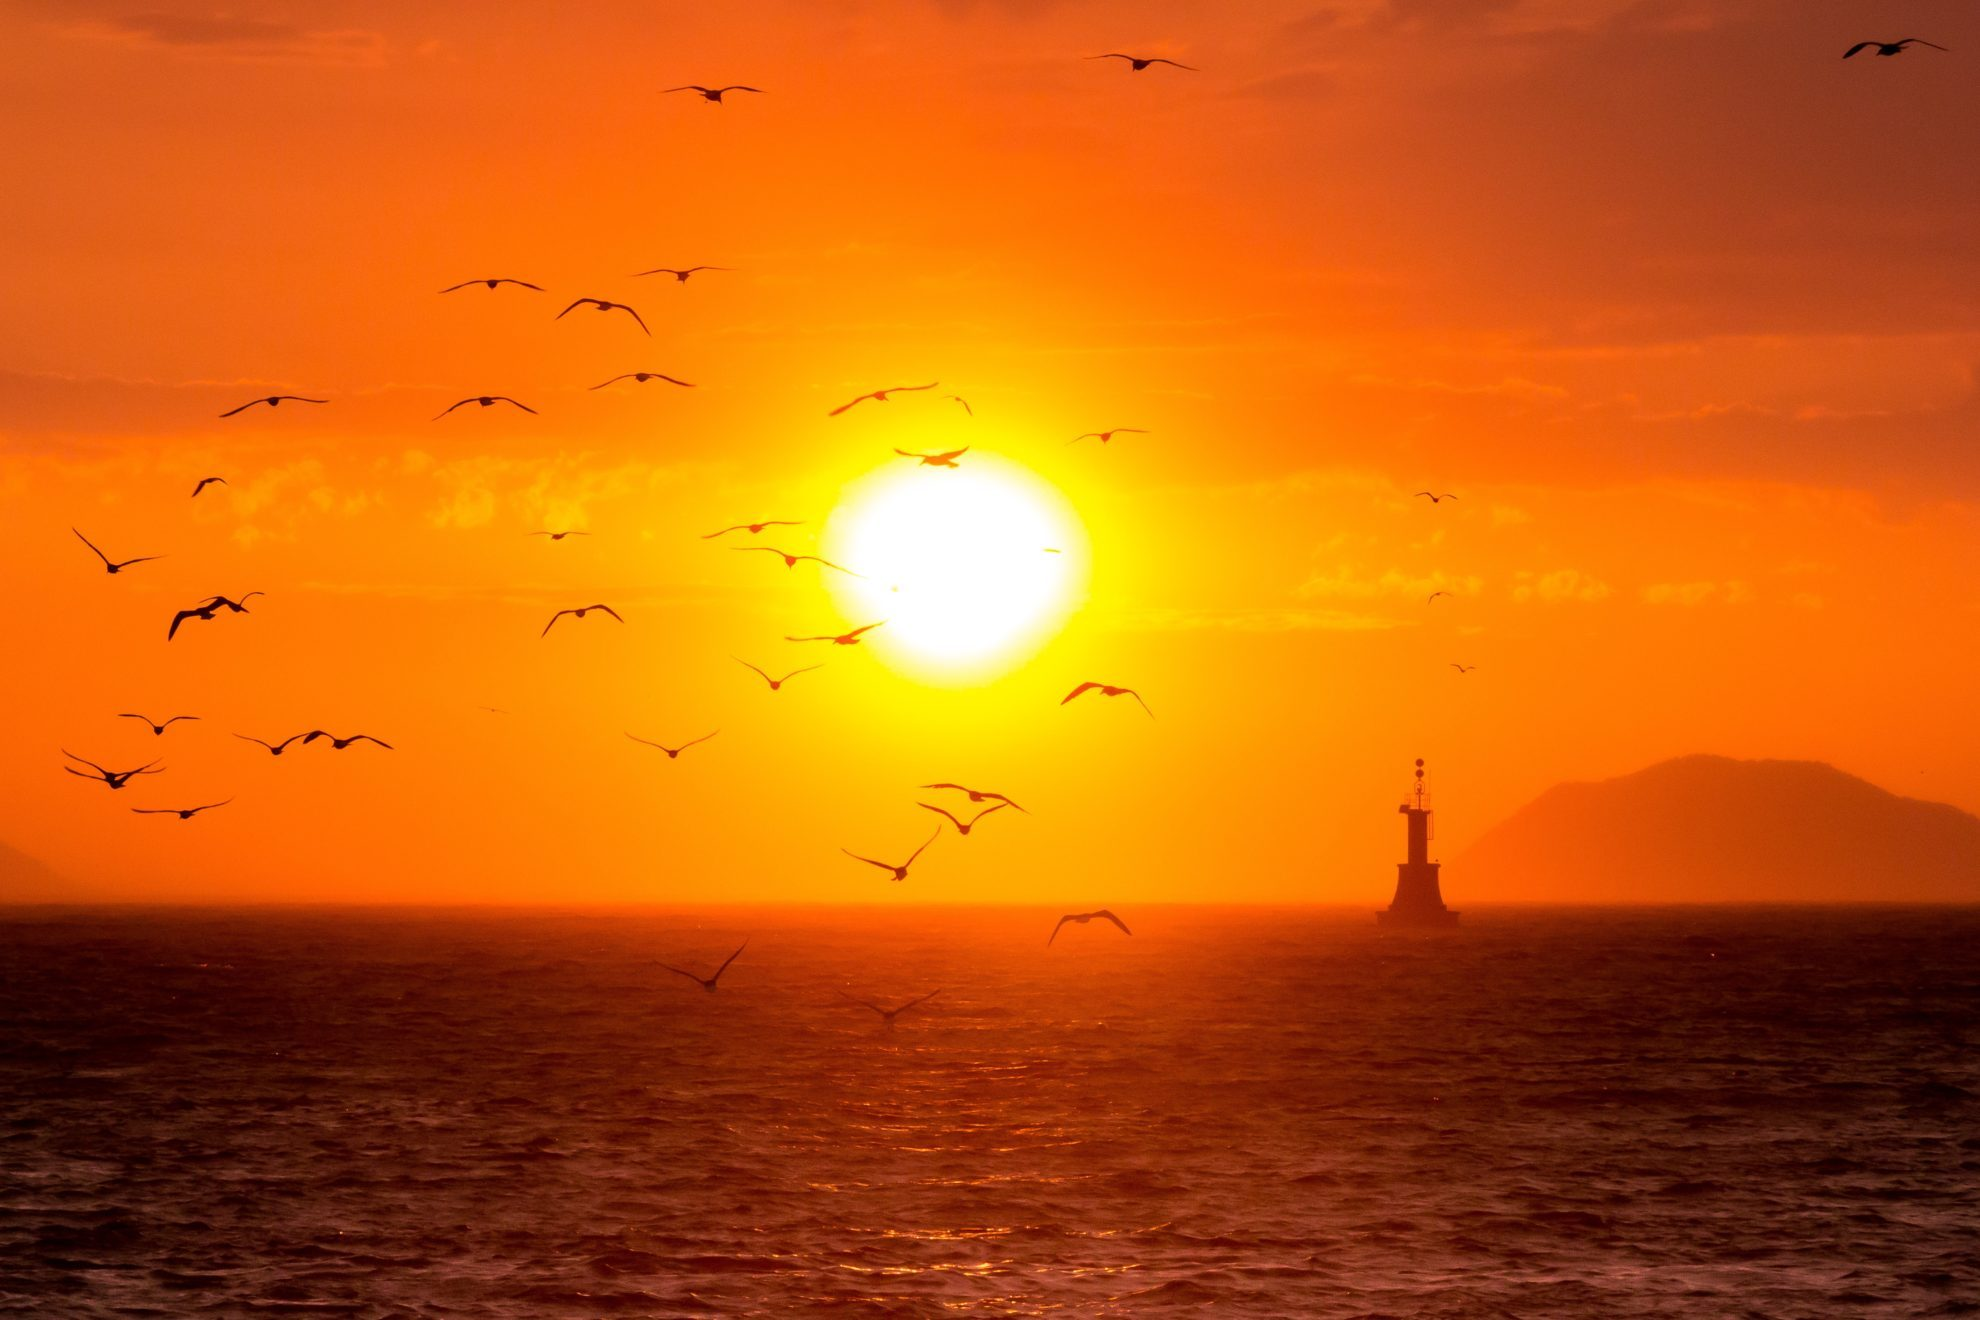 Чайки над морем. Адриатика. 2012 год. автор Олег Патрин